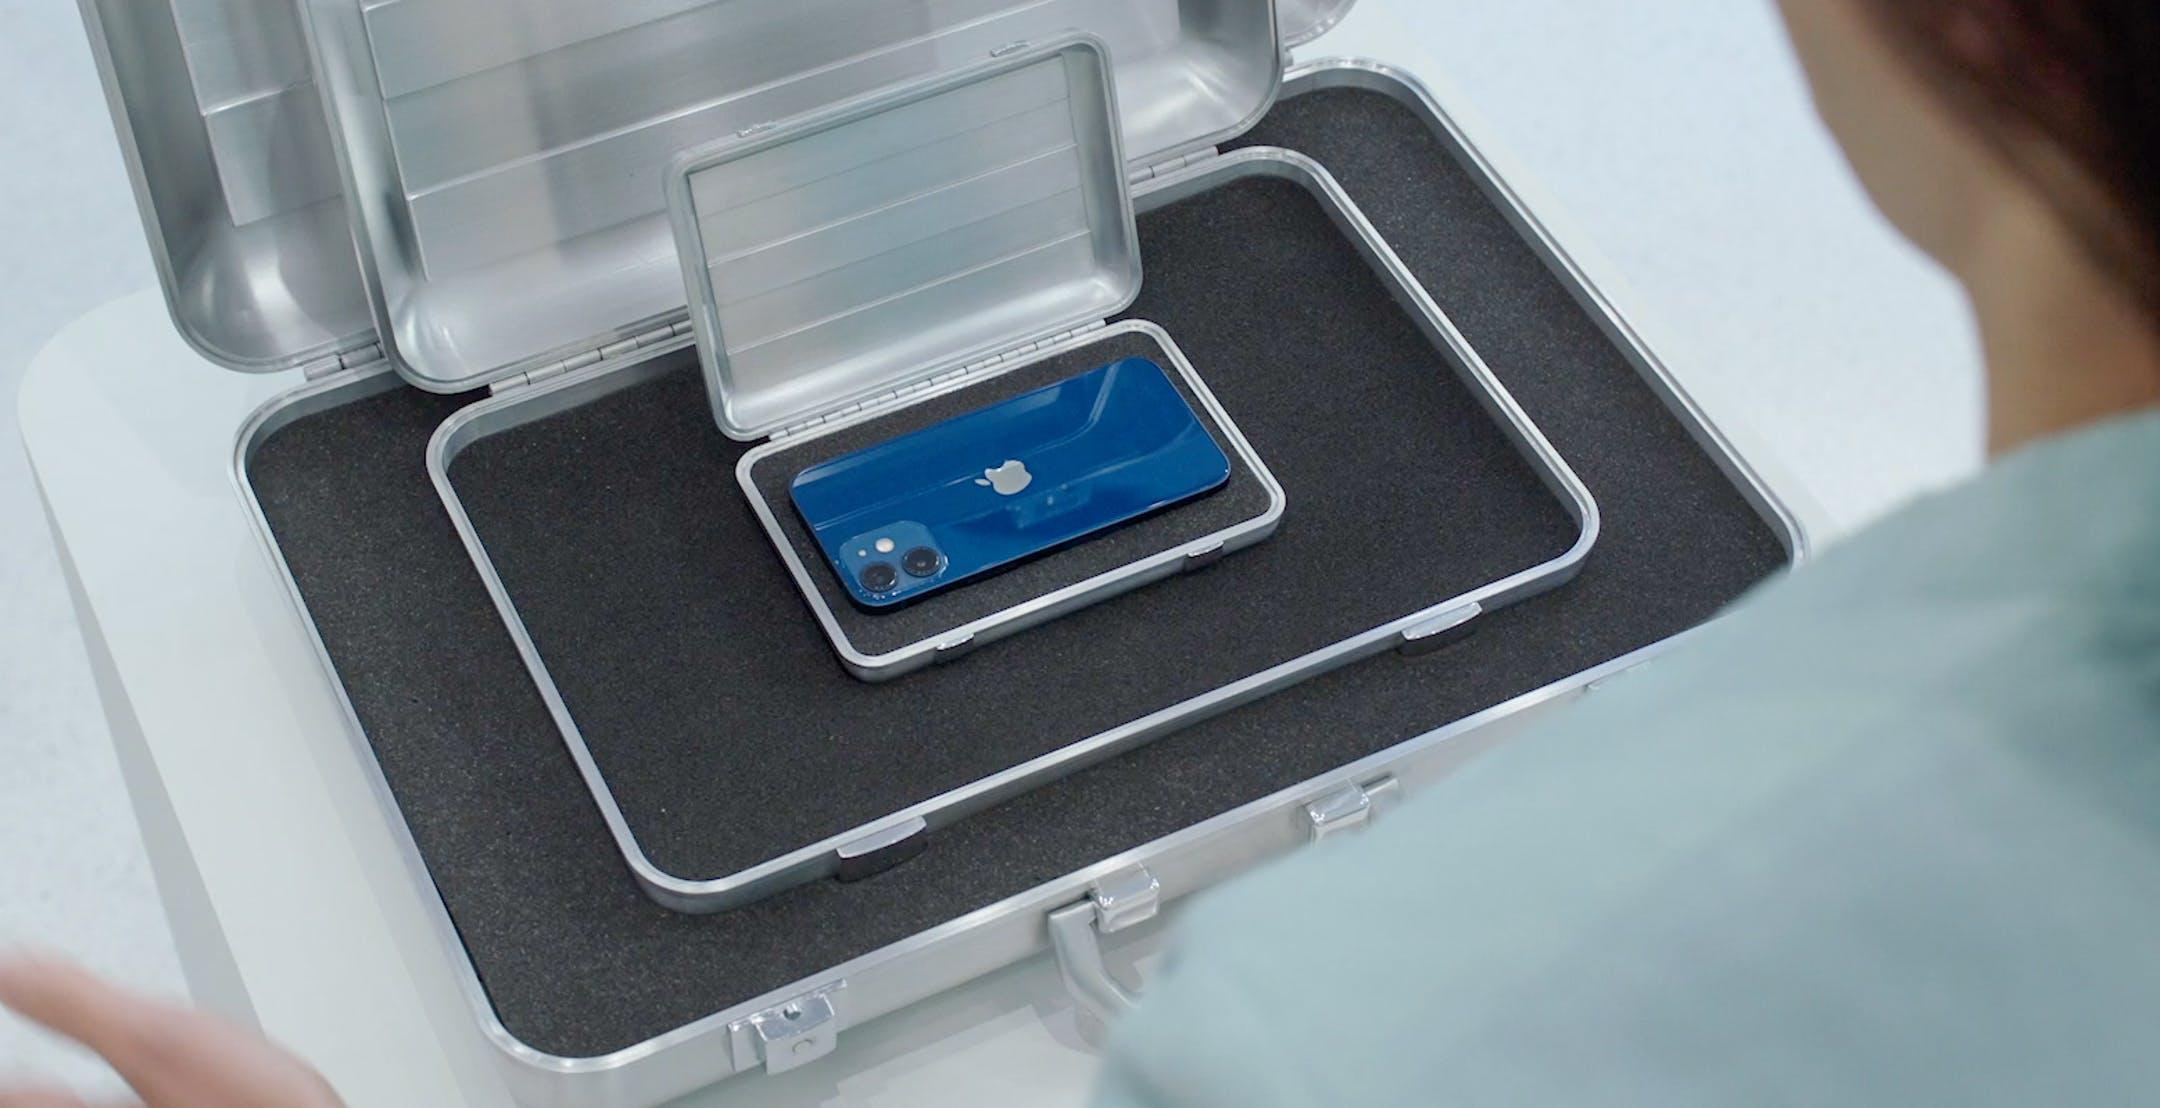 Con iPhone 12 Mini, Apple ha realizzato il top di gamma più piccolo sul mercato